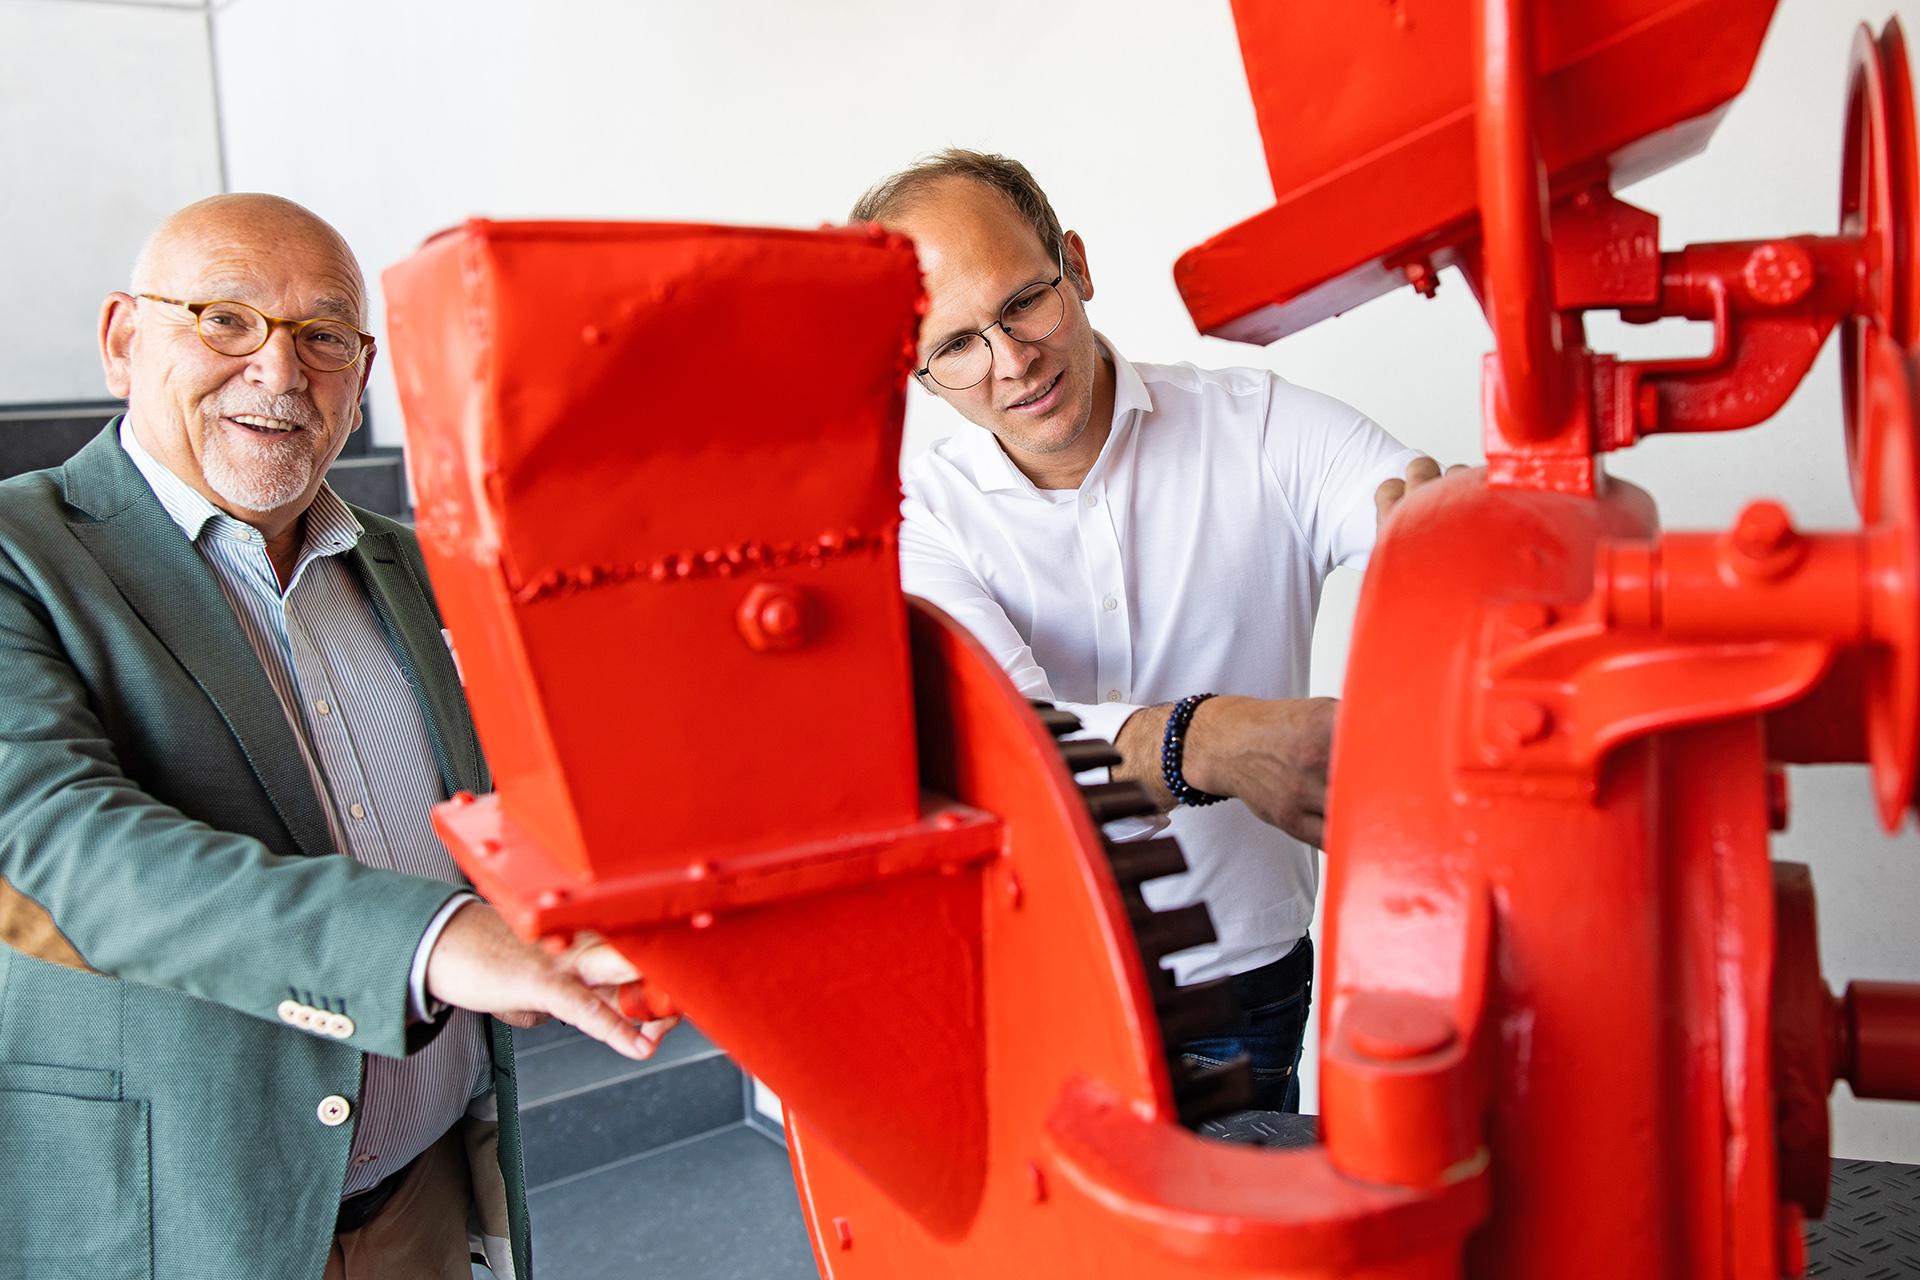 Hartkorn Gewürzmühle GmbH Mülheim-Kärlich Hans-Dieter Hartkorn und Dr. Andreas Hartkorn